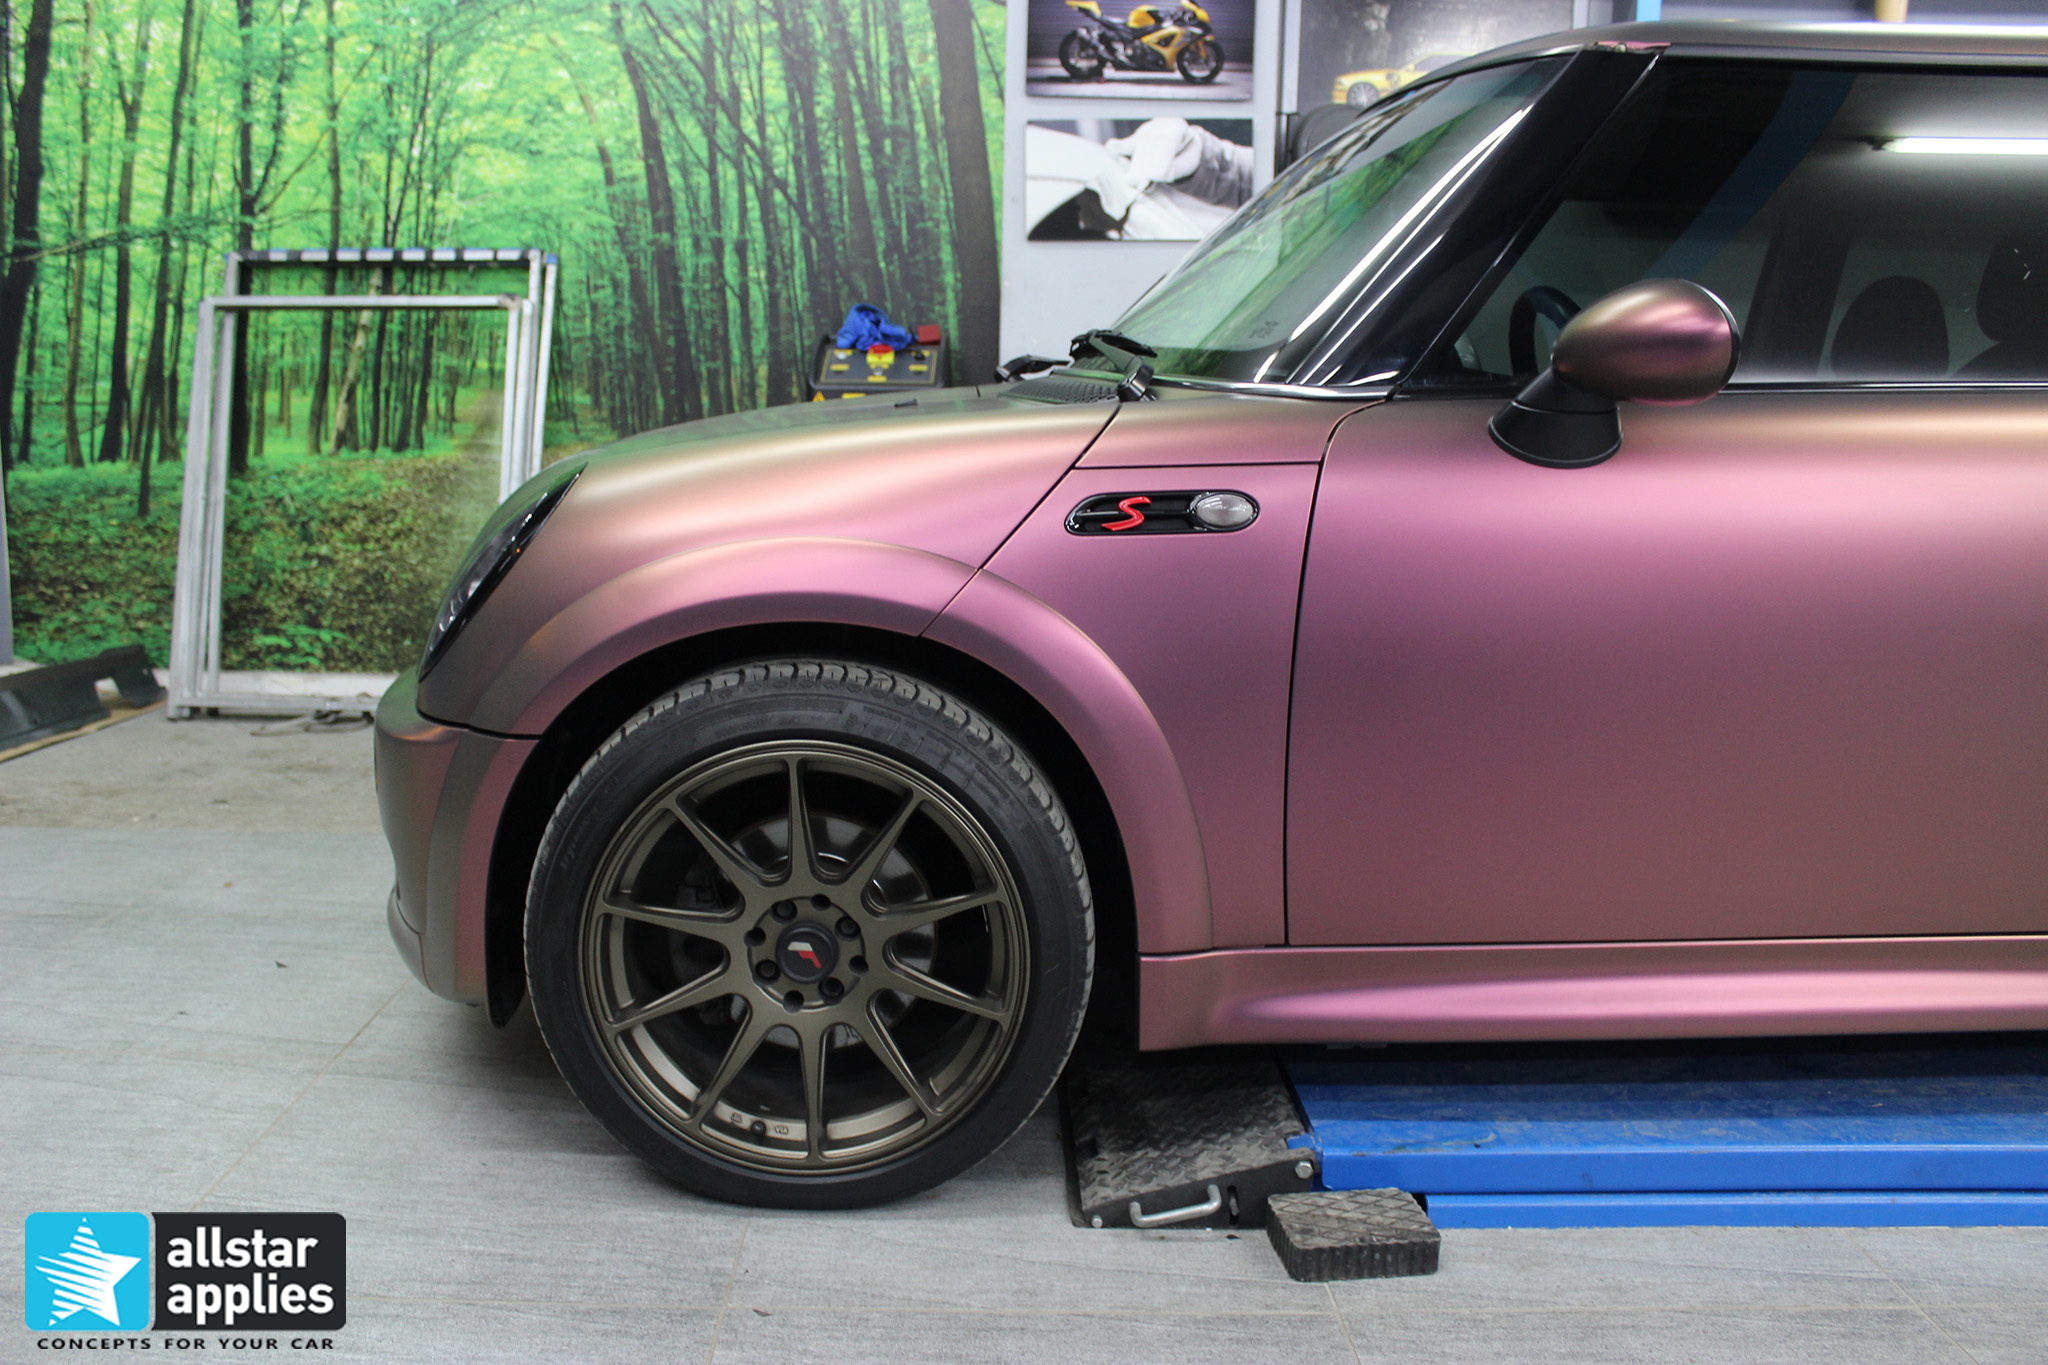 μεμβρανη αλλαγης χρωματος αυτοκινητου θεσσαλονικη